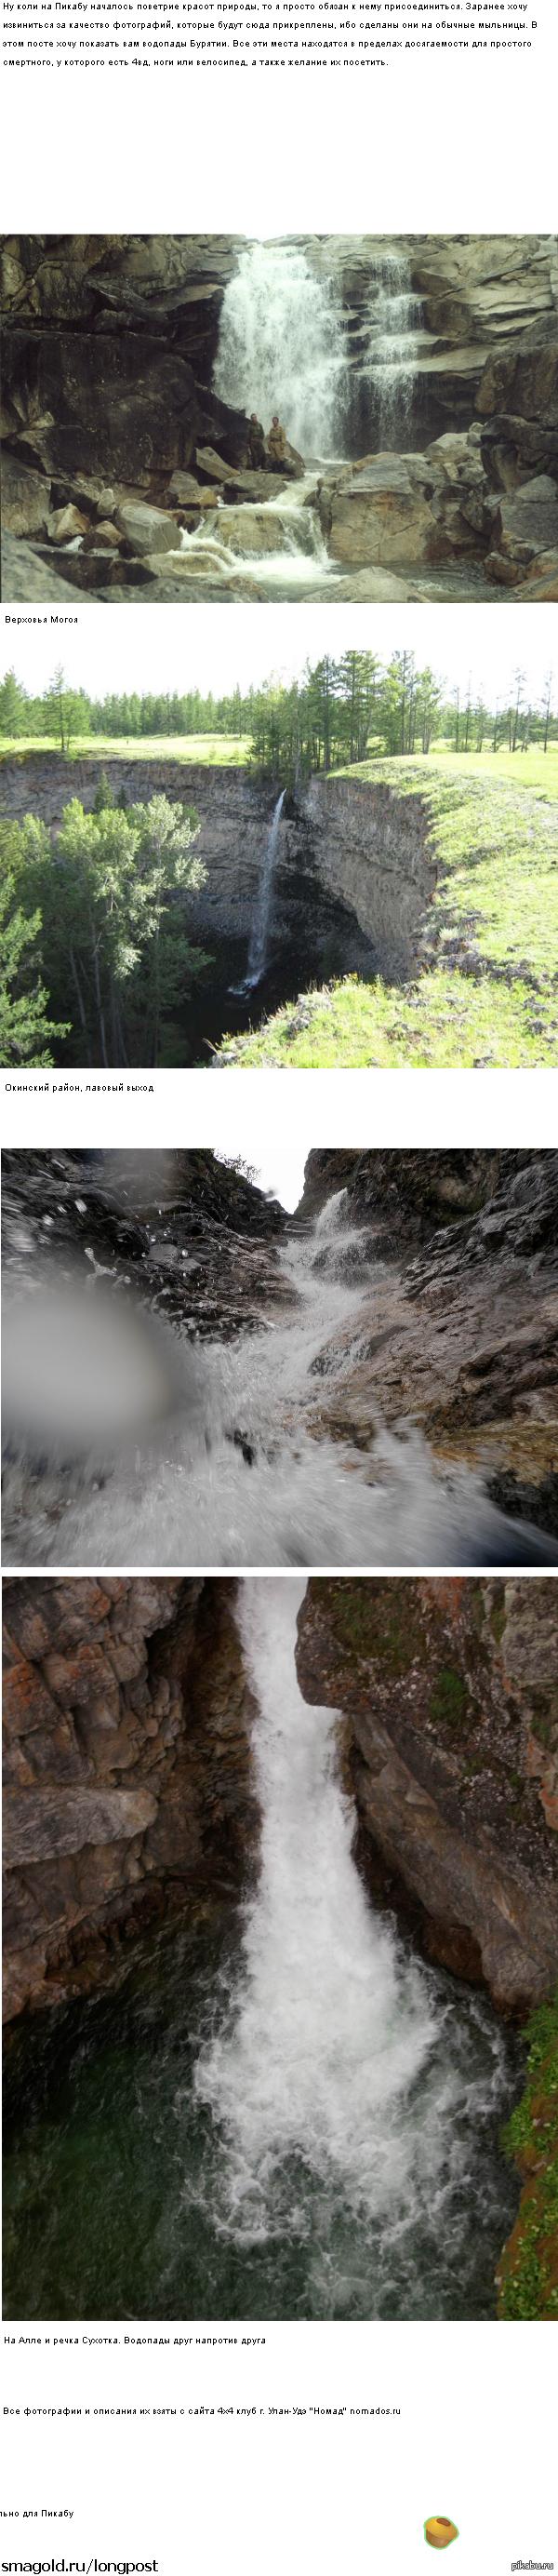 Водопады Бурятии Извините, не думал, что так криво получится